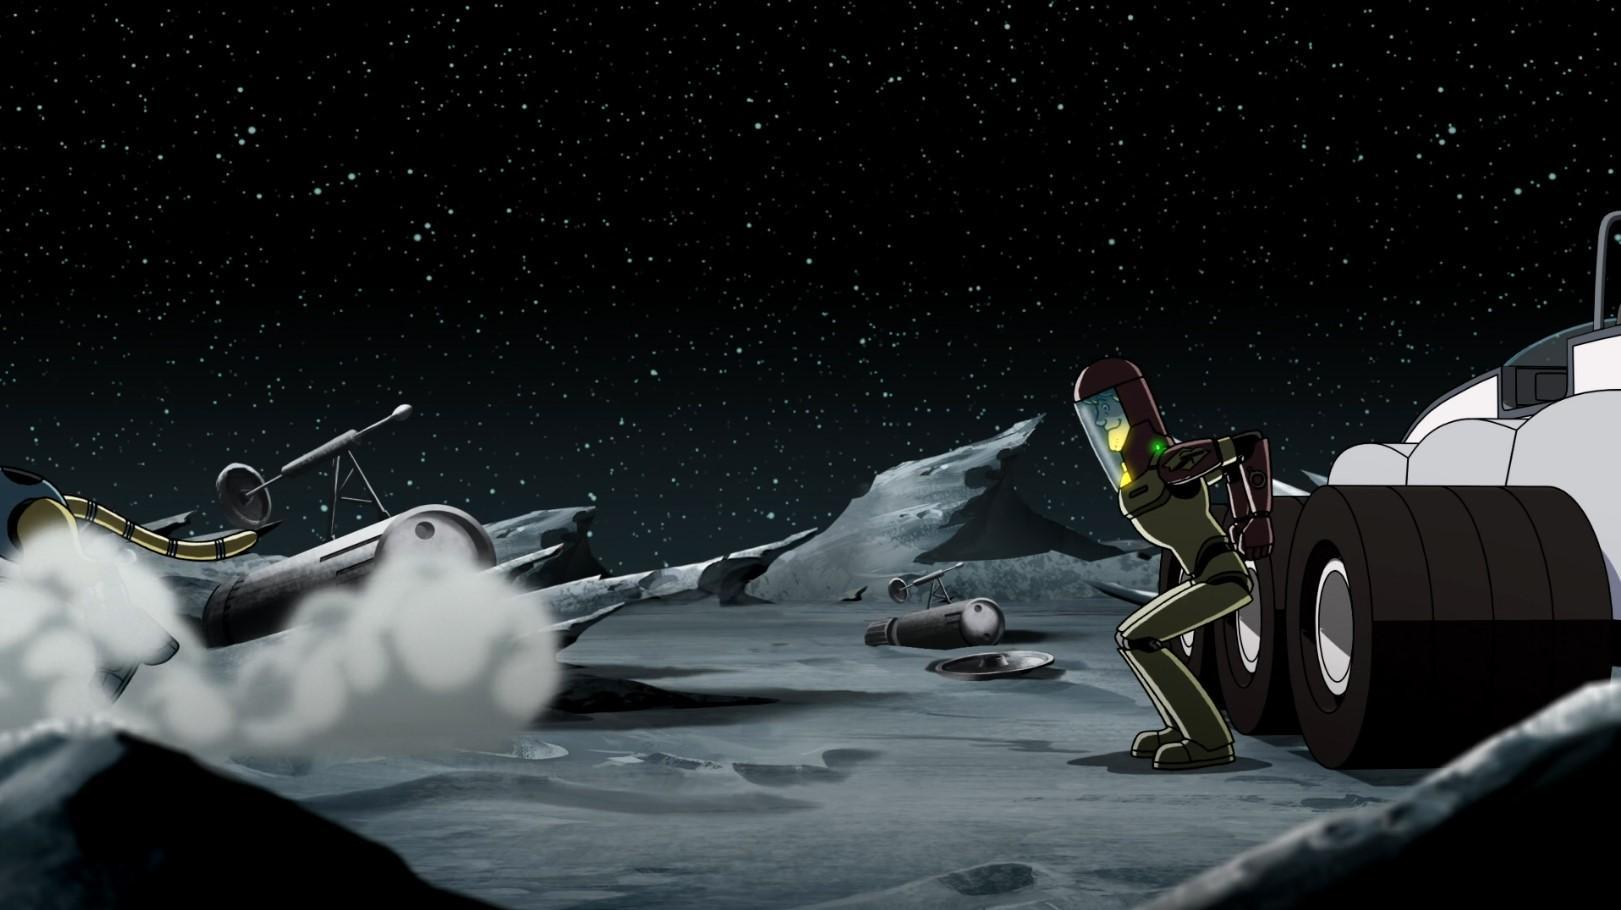 Скуби-Ду! Безумный Лунный Монстр